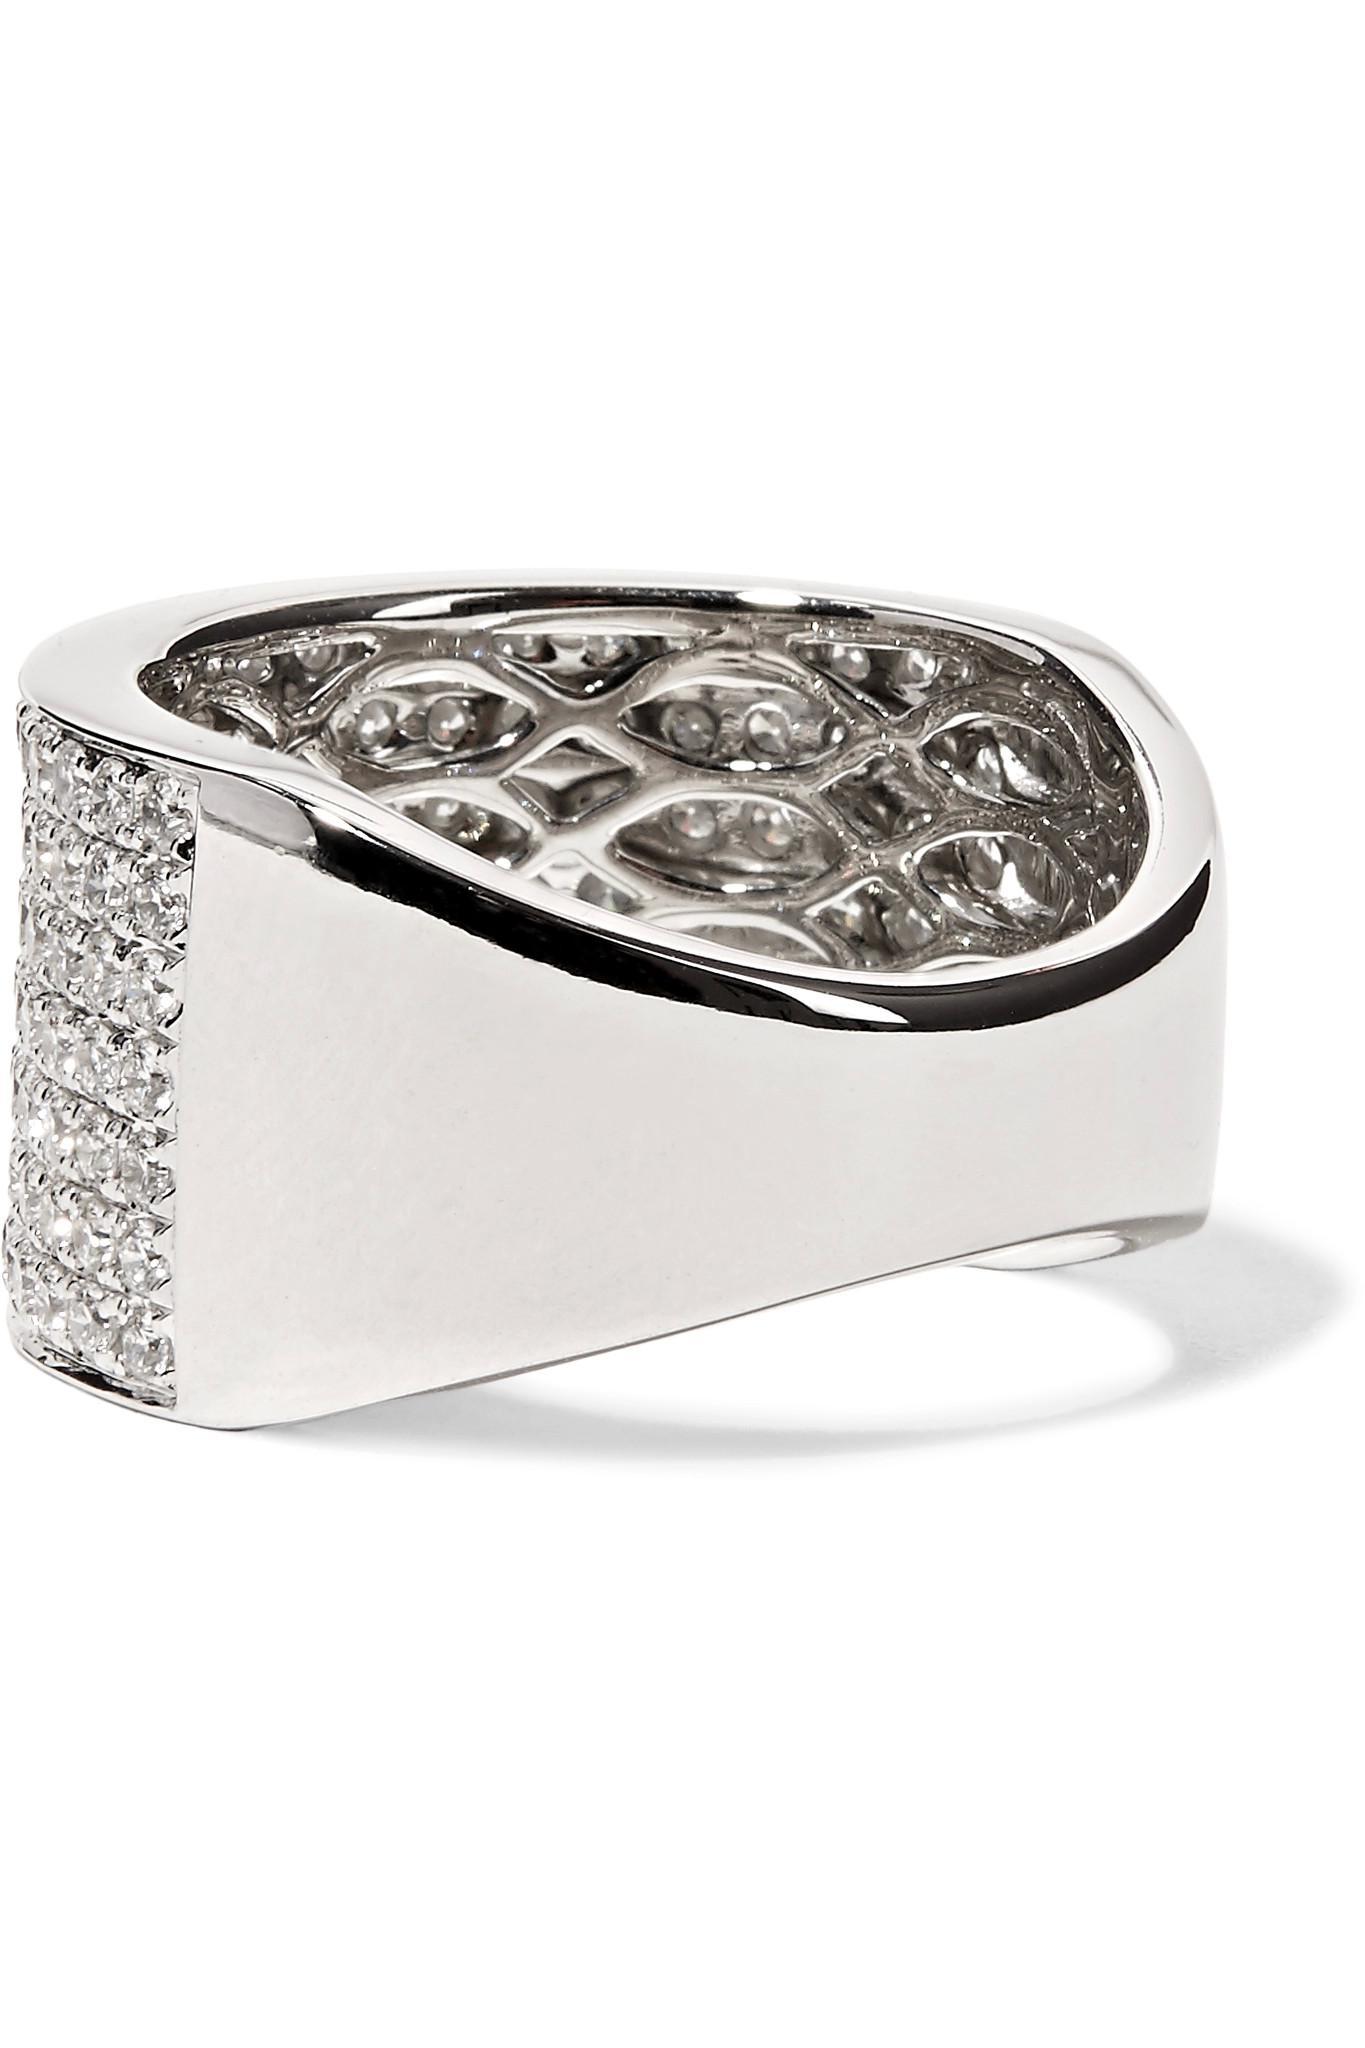 Anita Ko Marlow 18-karat White Gold Diamond Ring HkRQid9